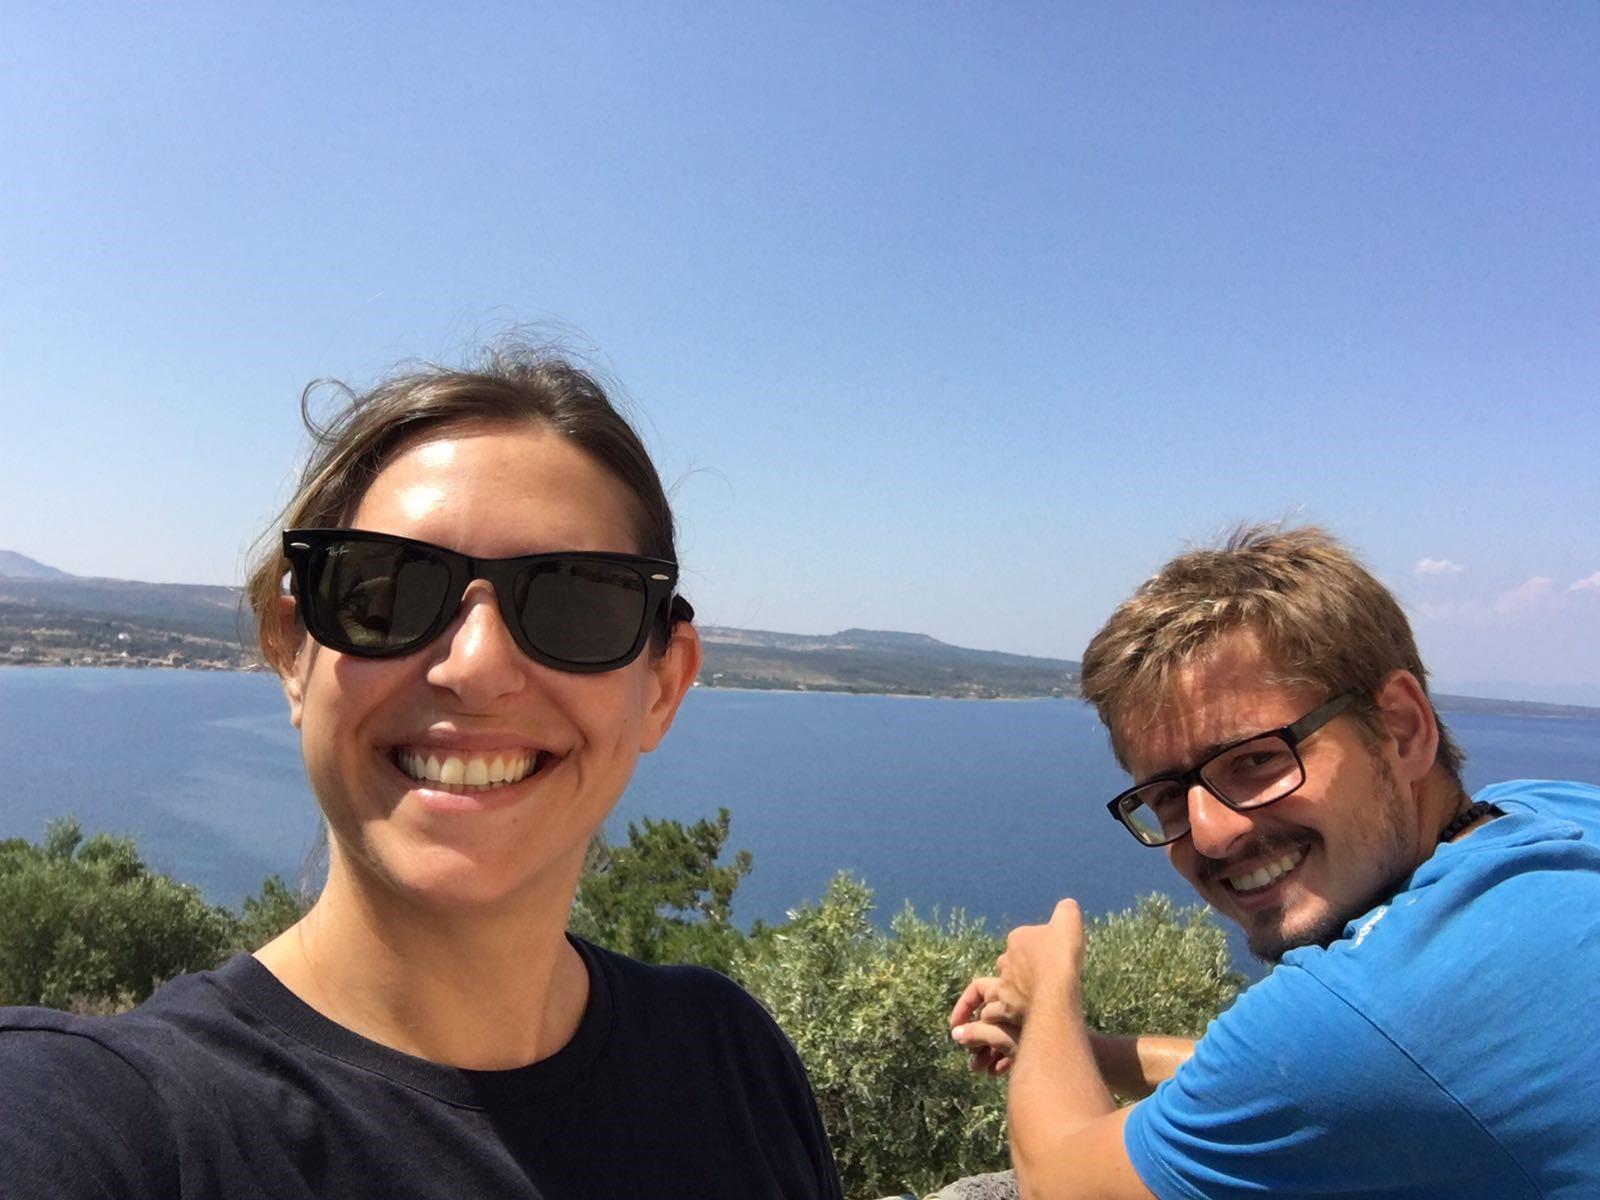 Adi and Fabian, OHF Co-Director